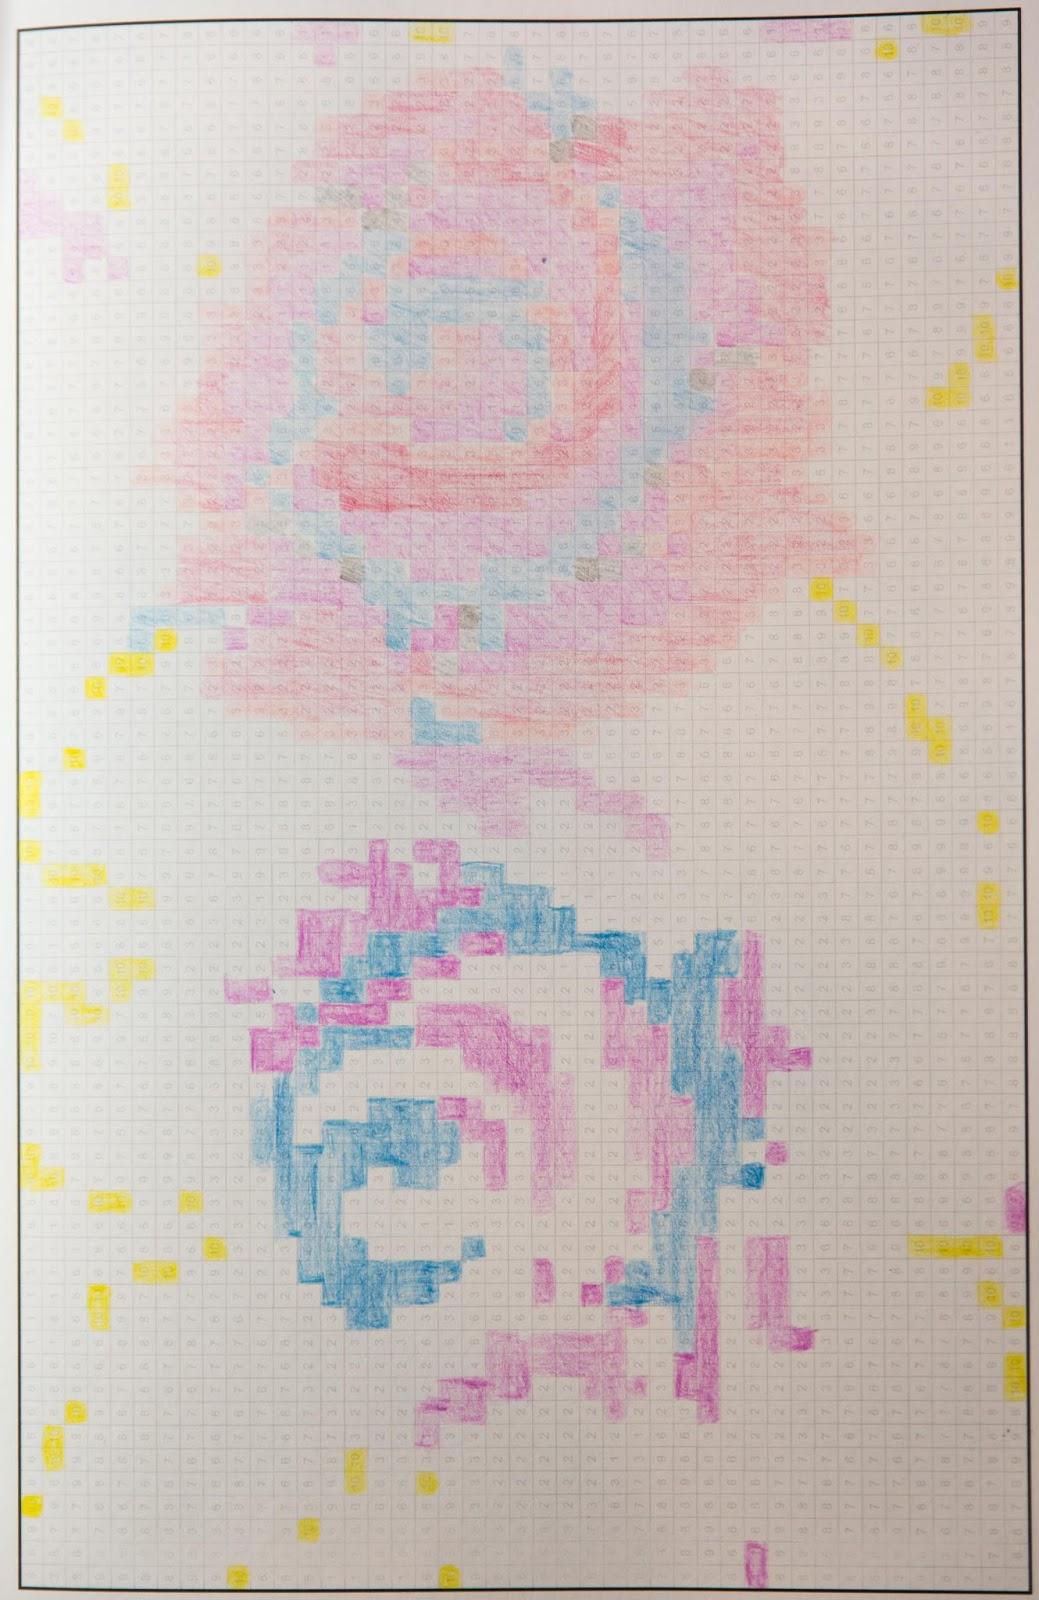 Kleurplaten Volwassenen Op Nummer.Mijn Bevindingen Met Kleuren Op Nummer Extreme Kleurpuzzels Voor